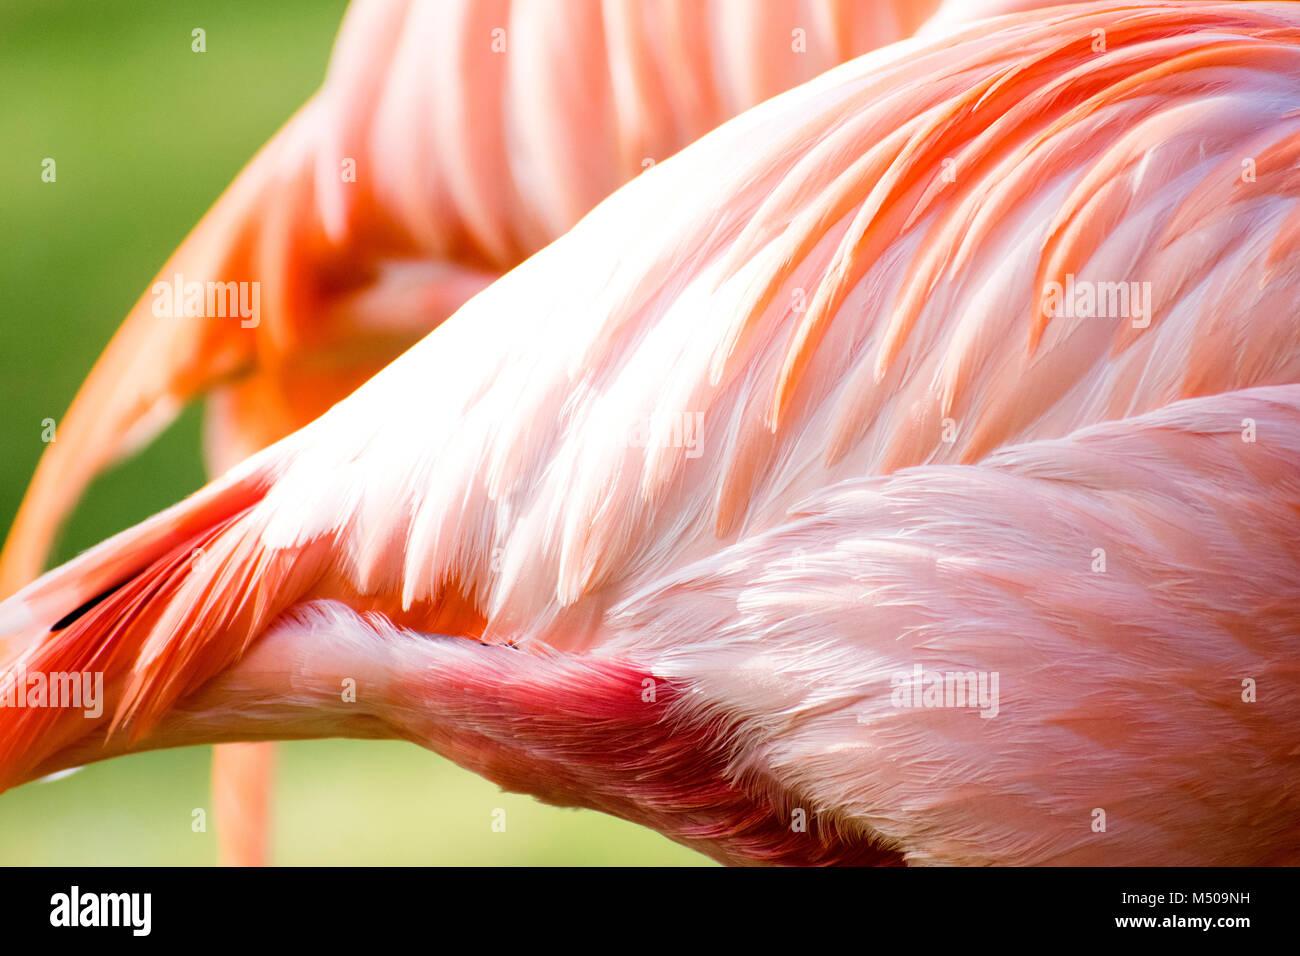 Madrid, España. 19 de febrero, 2018. American flamenco (Phoenicopterus ruber) en el Zoo de Madrid el 19 de Imagen De Stock